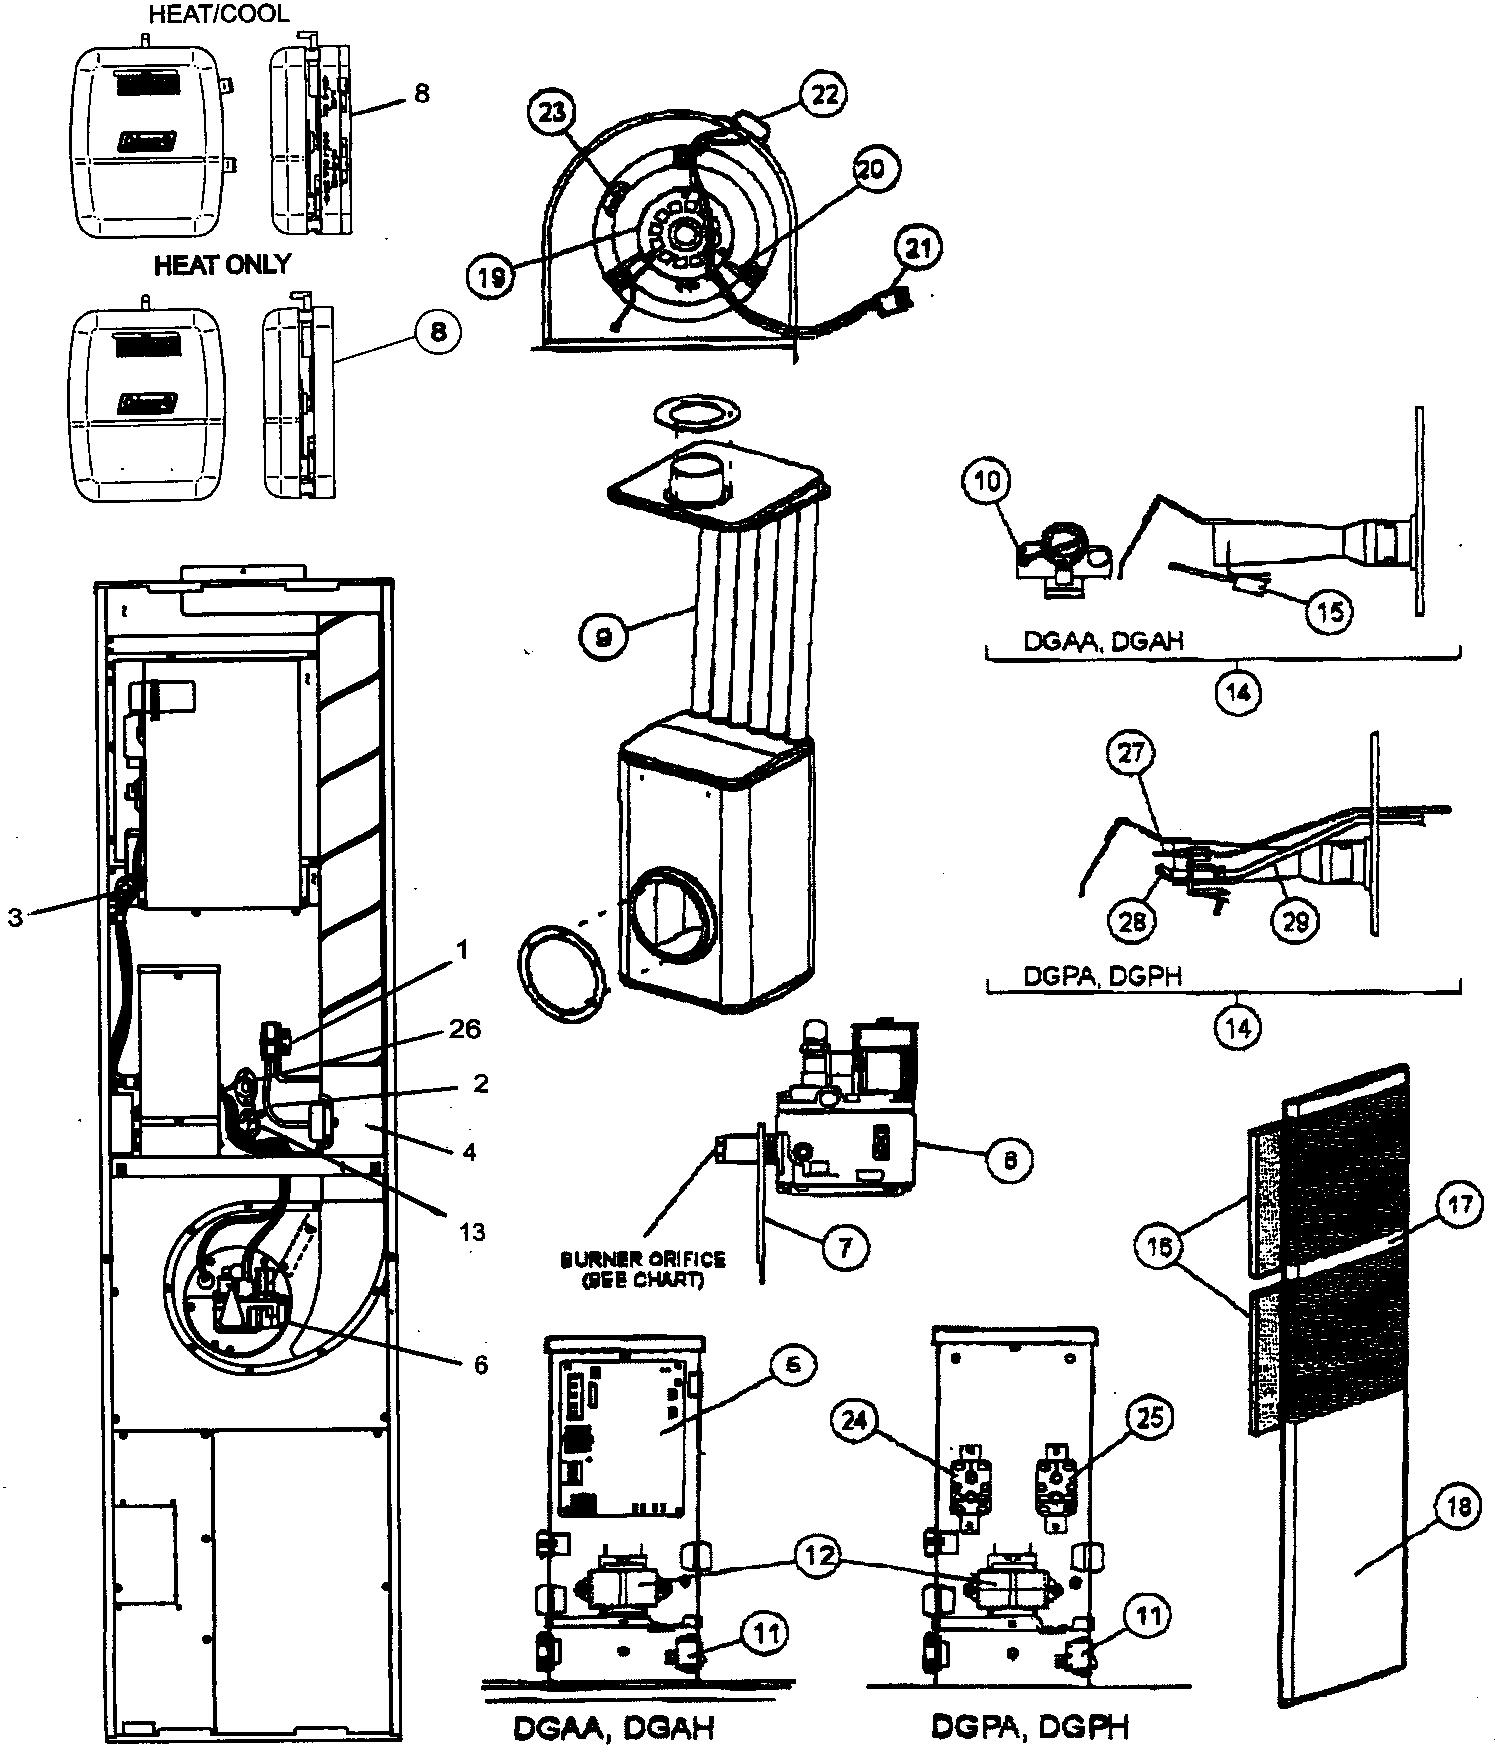 CABINET PARTS Diagram & Parts List for Model DGPH056ABTA